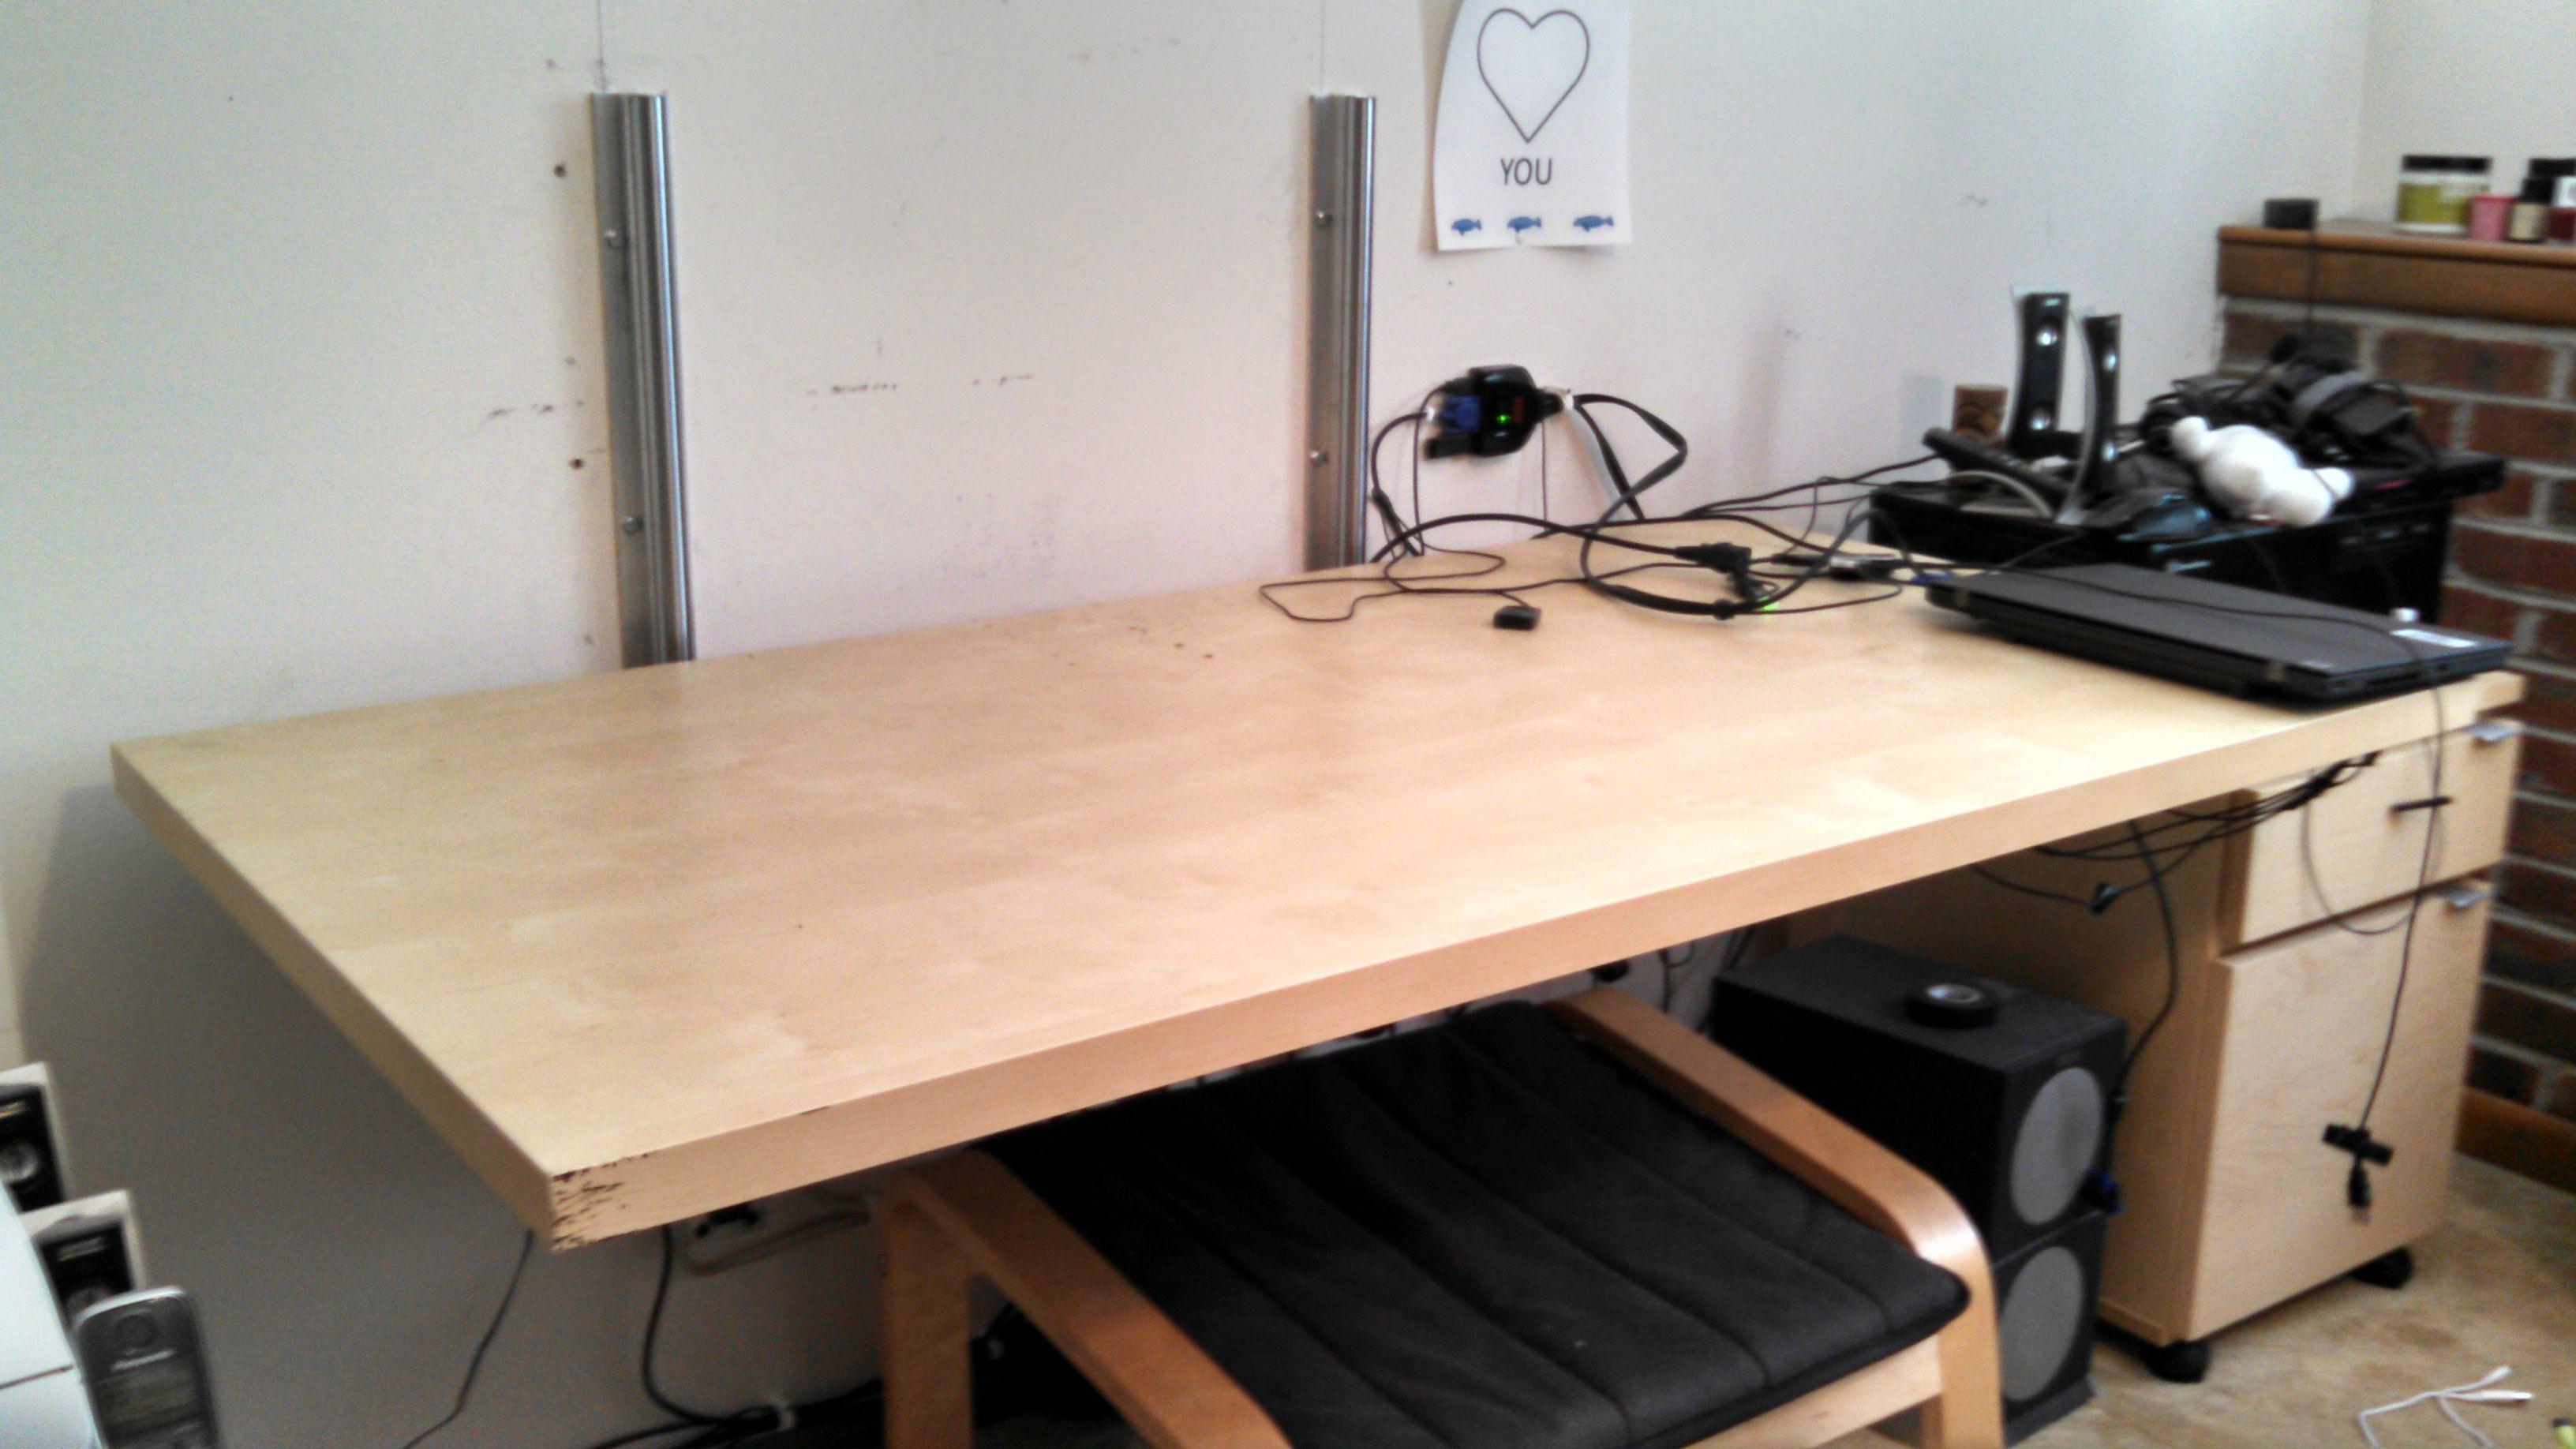 Wall Mounted Adjustable Desk Desk Adjustable Standing Desk